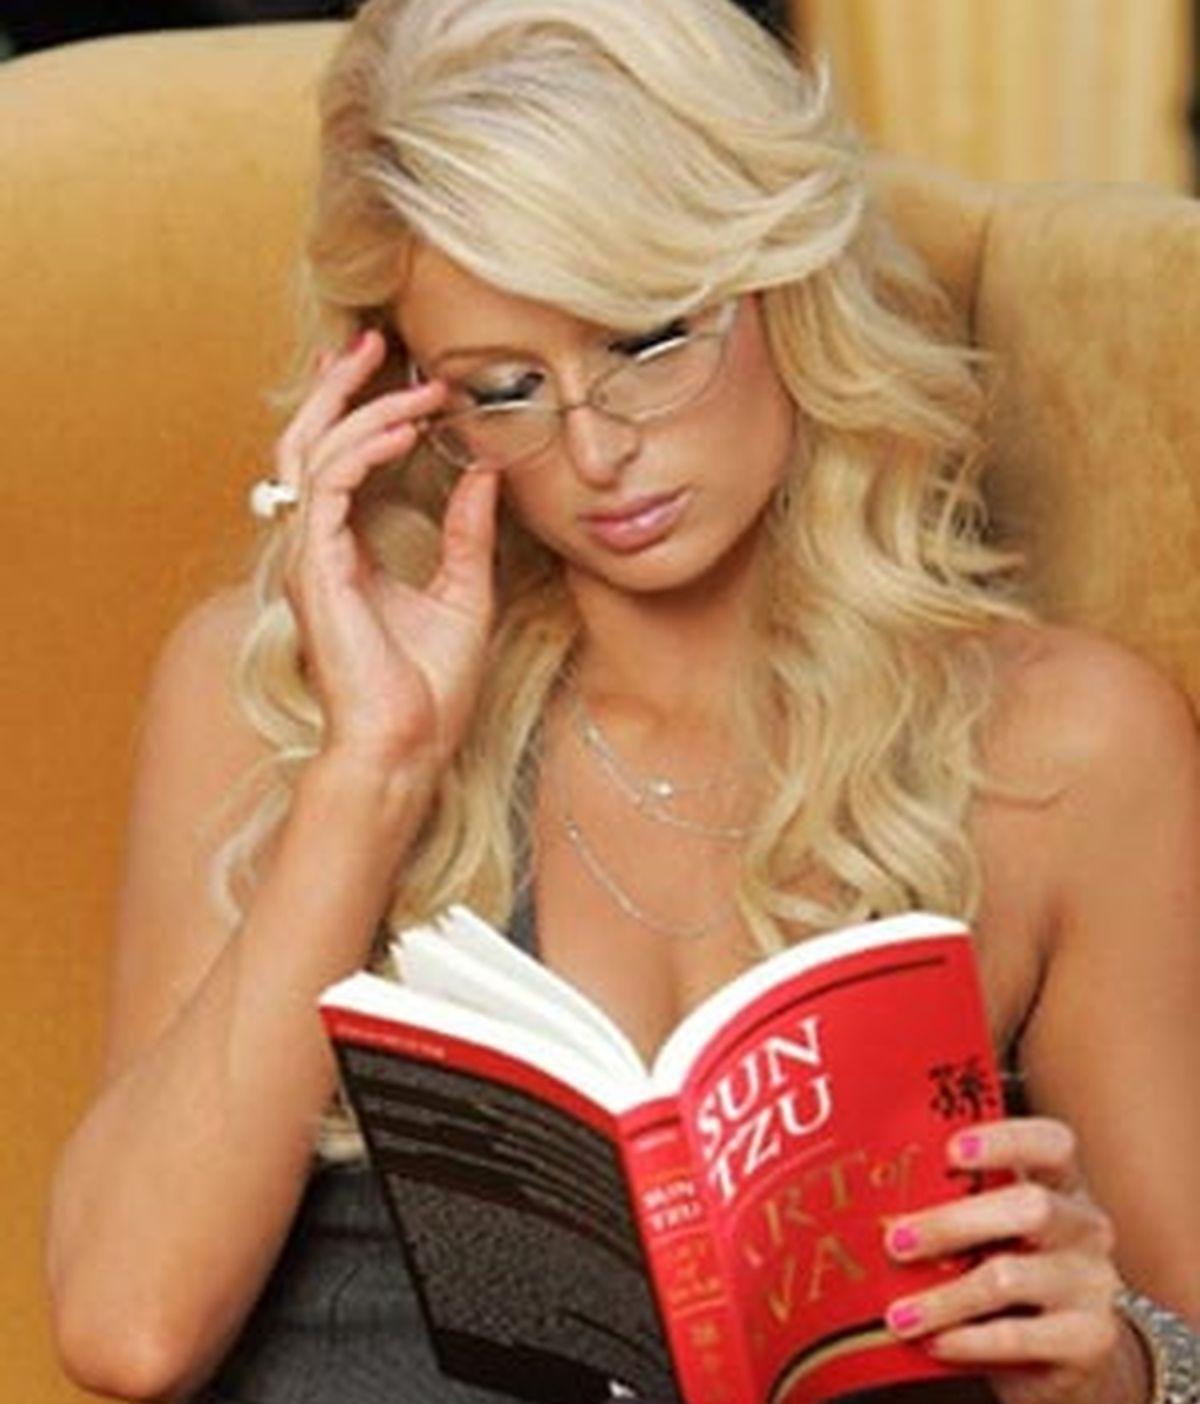 Paris Hilton se harta de los excesos y dice que trabaja demasiado para salir de fiesta como lo hacía antes. Foto archivo